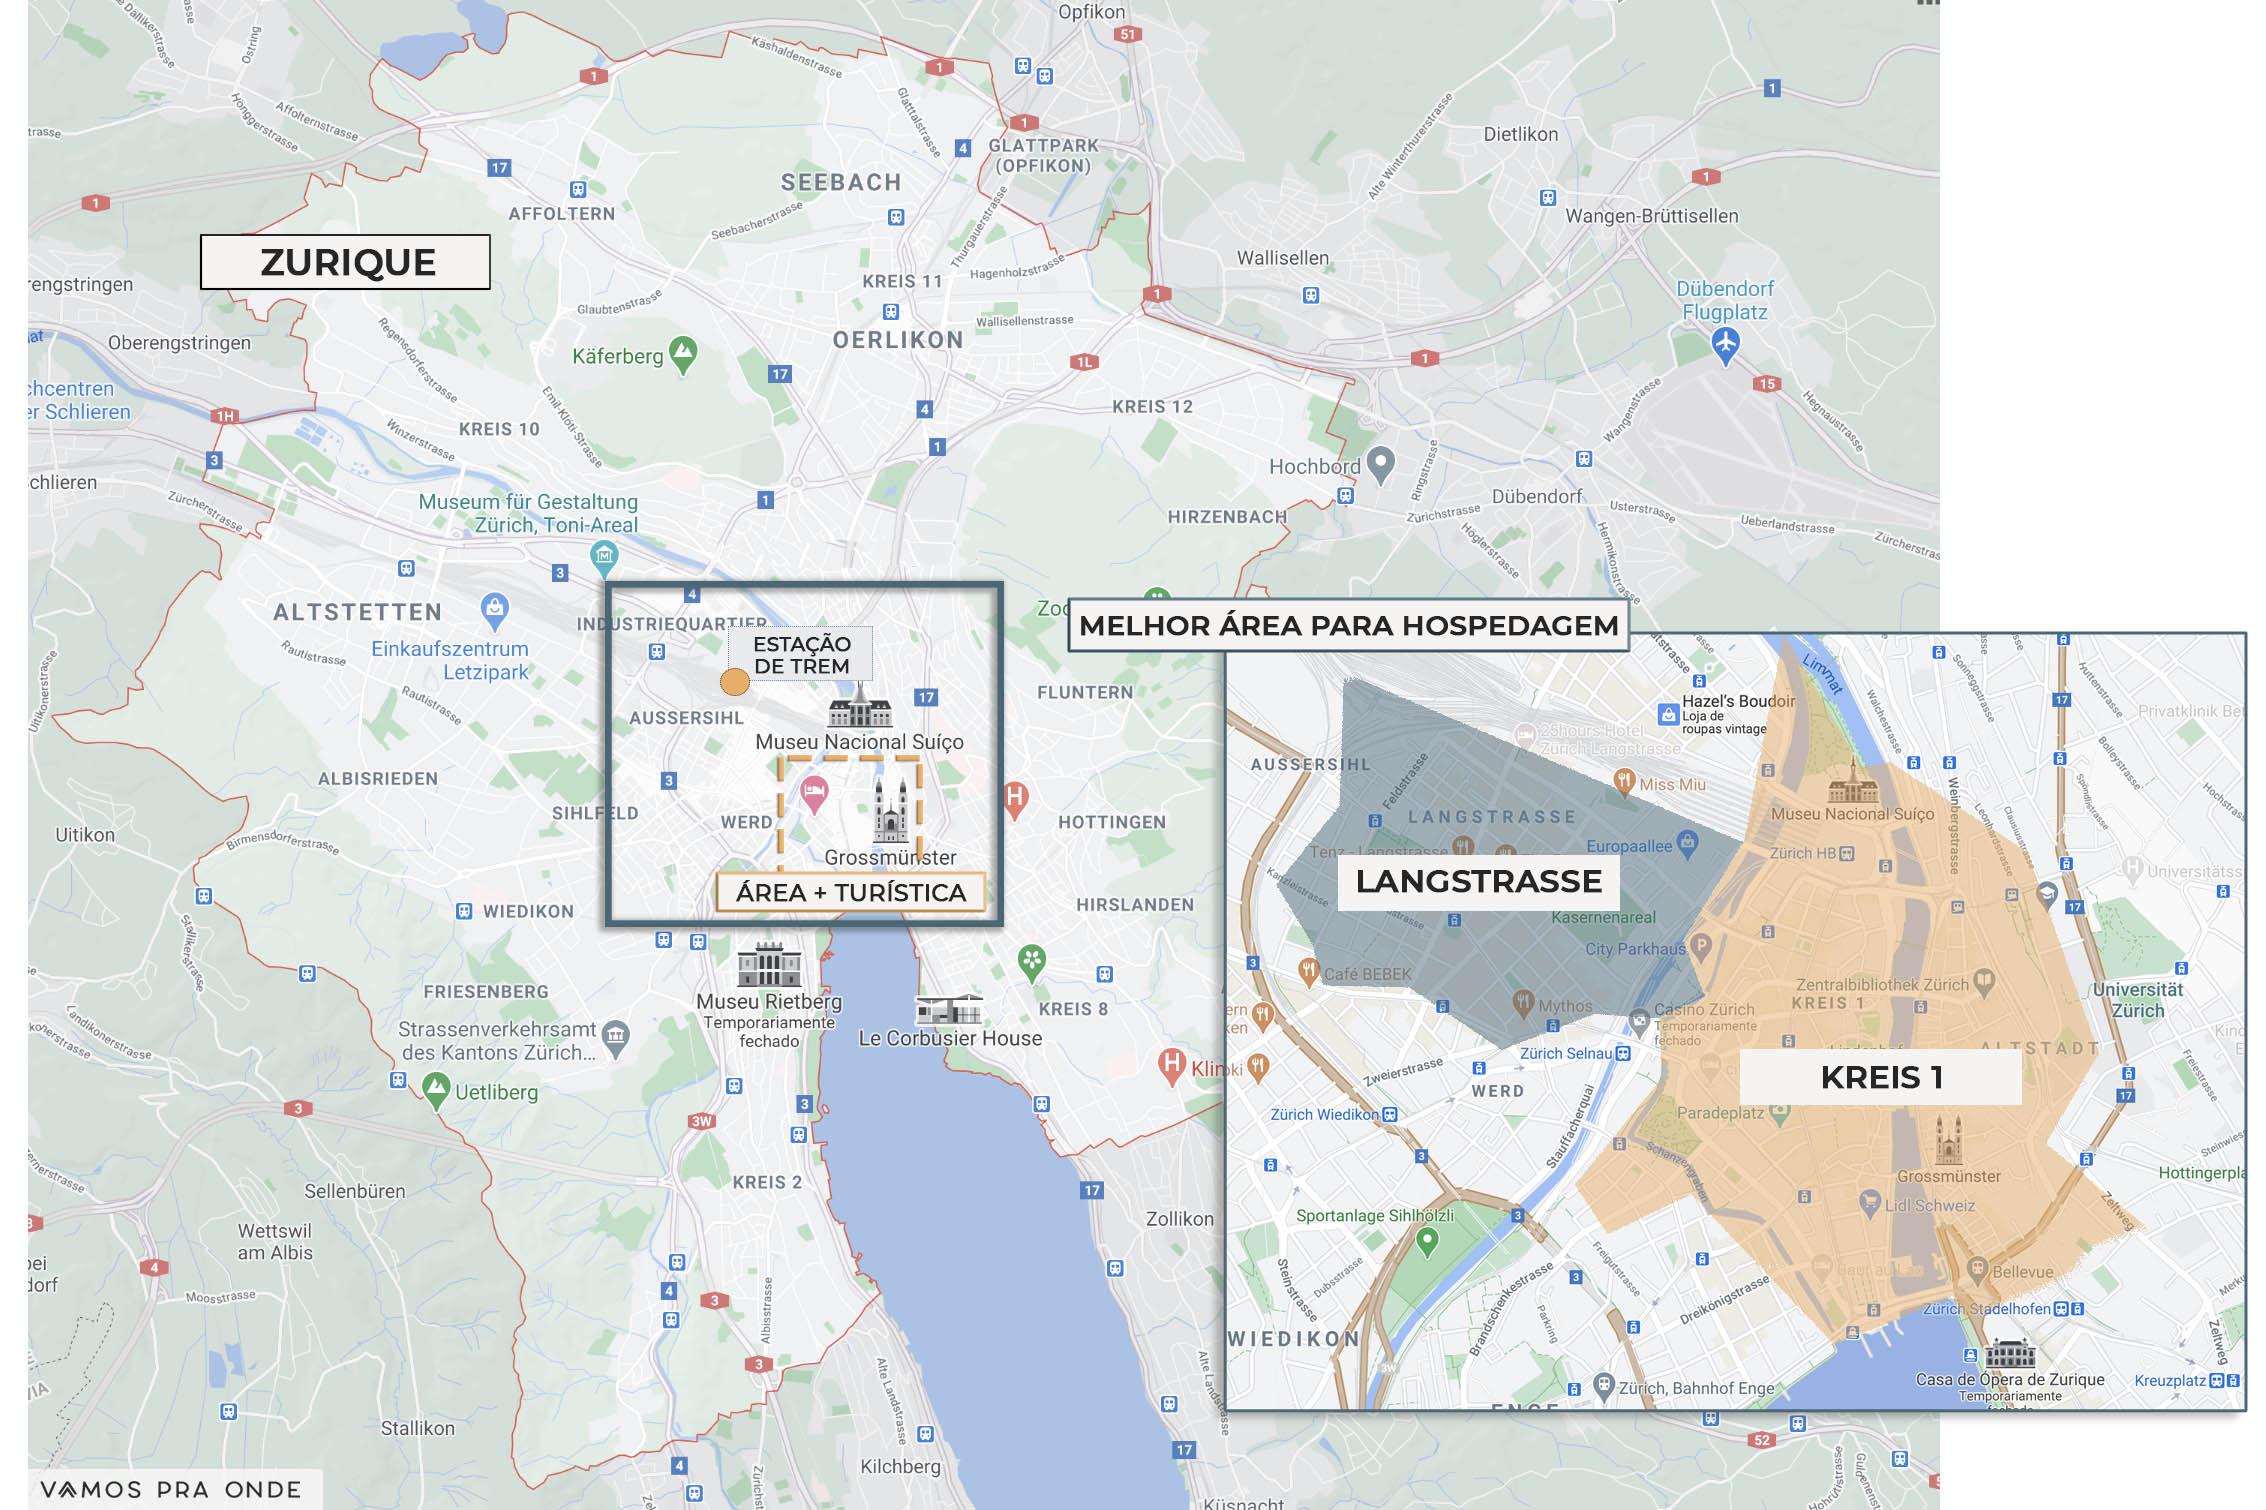 mapa indicando a melhor região para se hospedar em Zurique